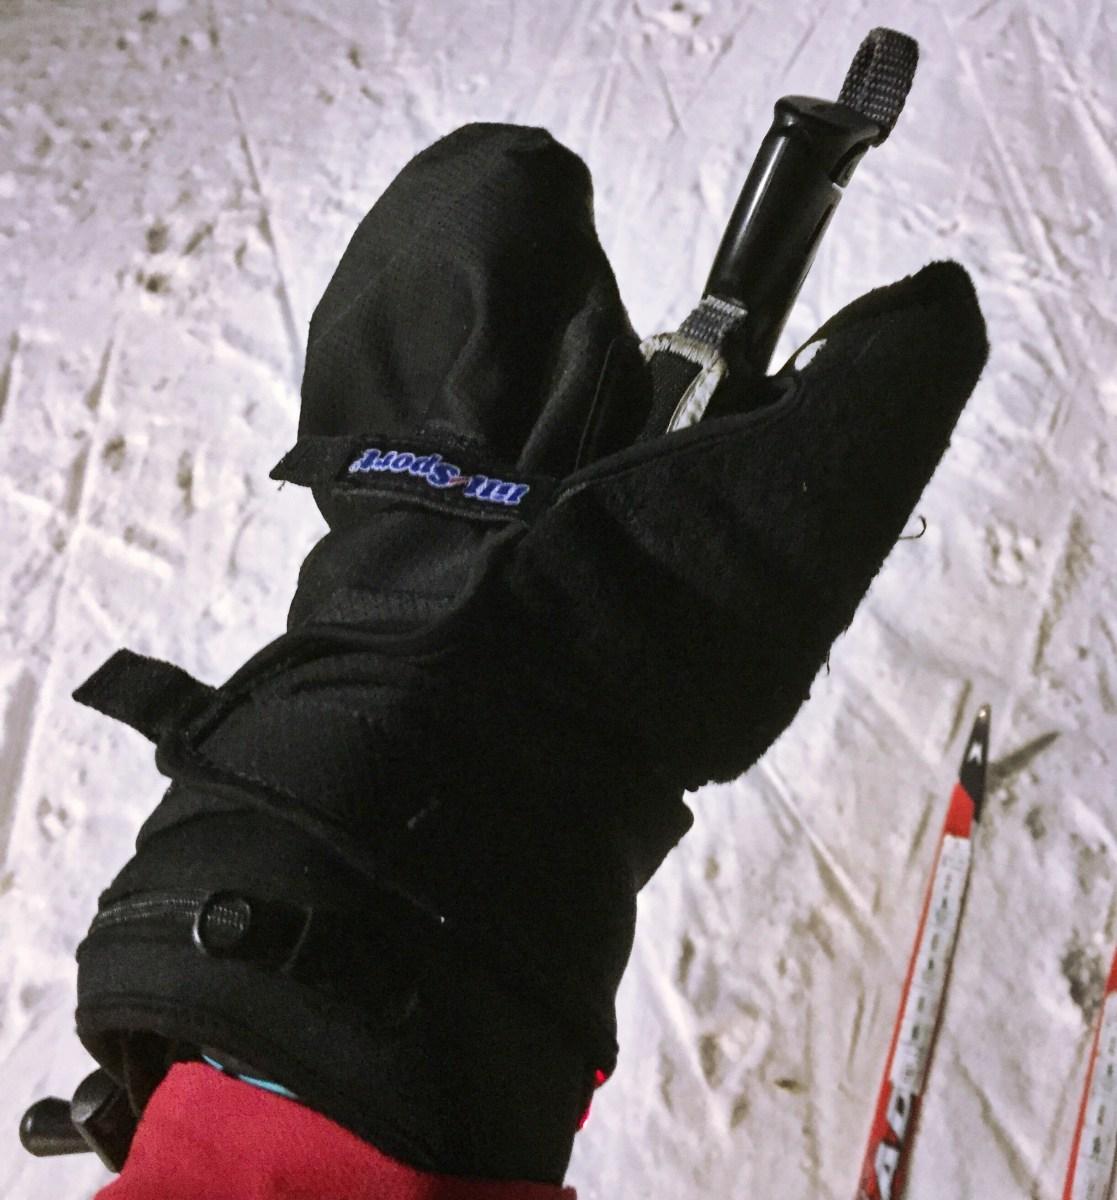 Om att kunna åka skidor med köldkänsliga fingrar